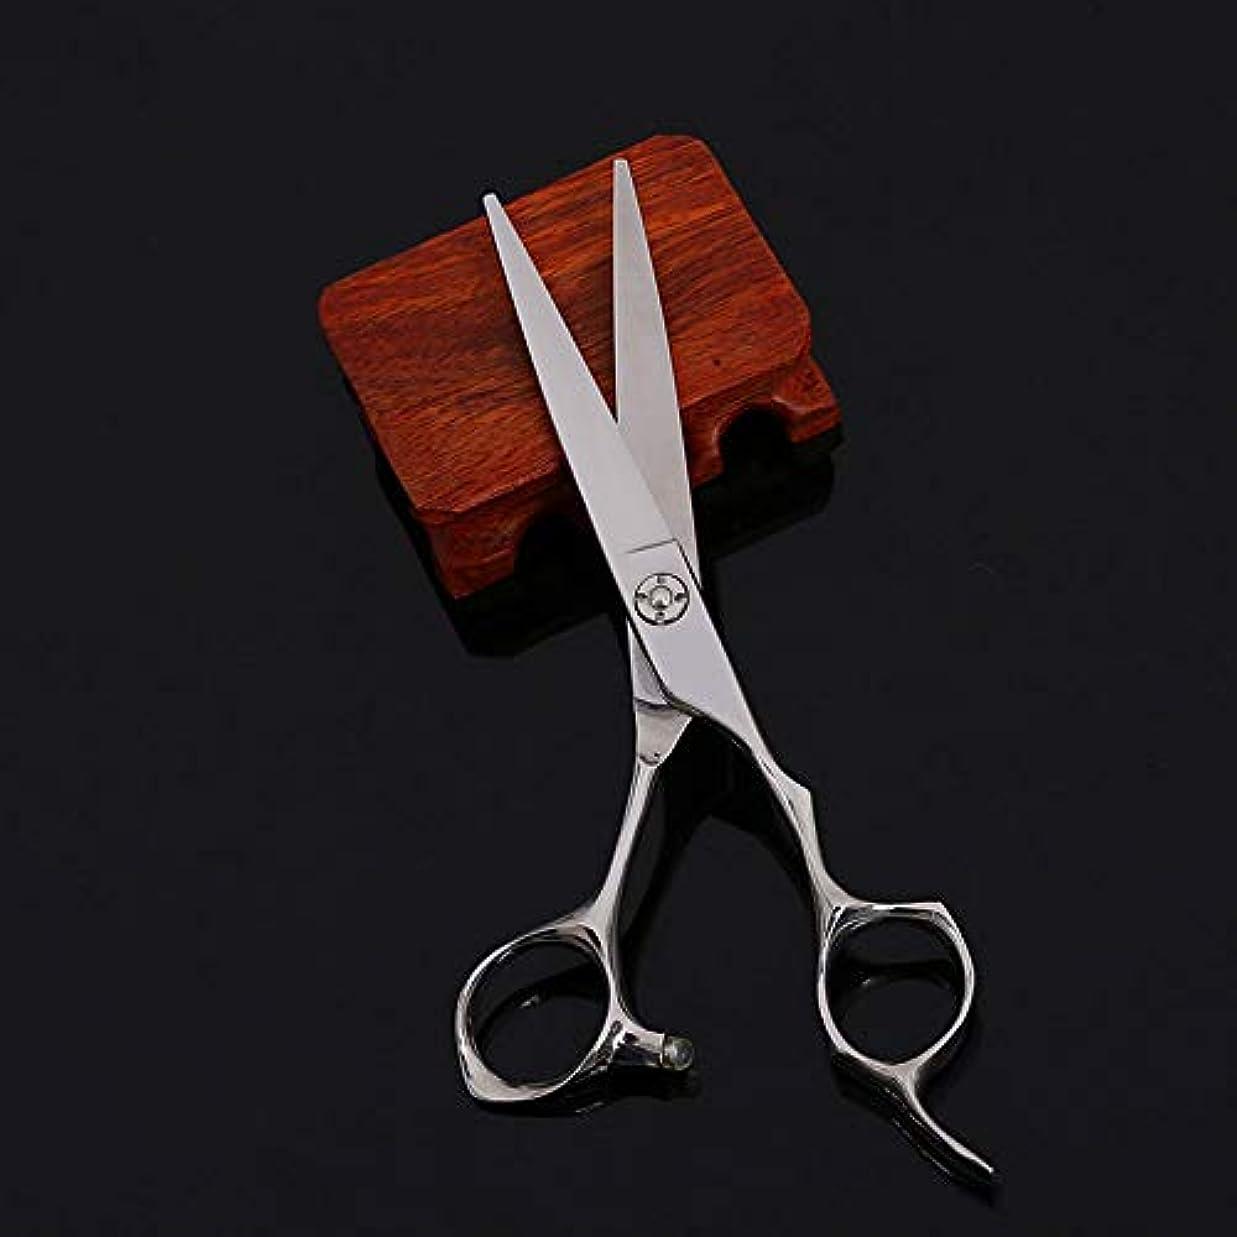 有名な無駄だ天気6インチプロフェッショナルヘアカットフラットハサミ、ヘアサロン、家庭用理髪ツール ヘアケア (色 : Silver)